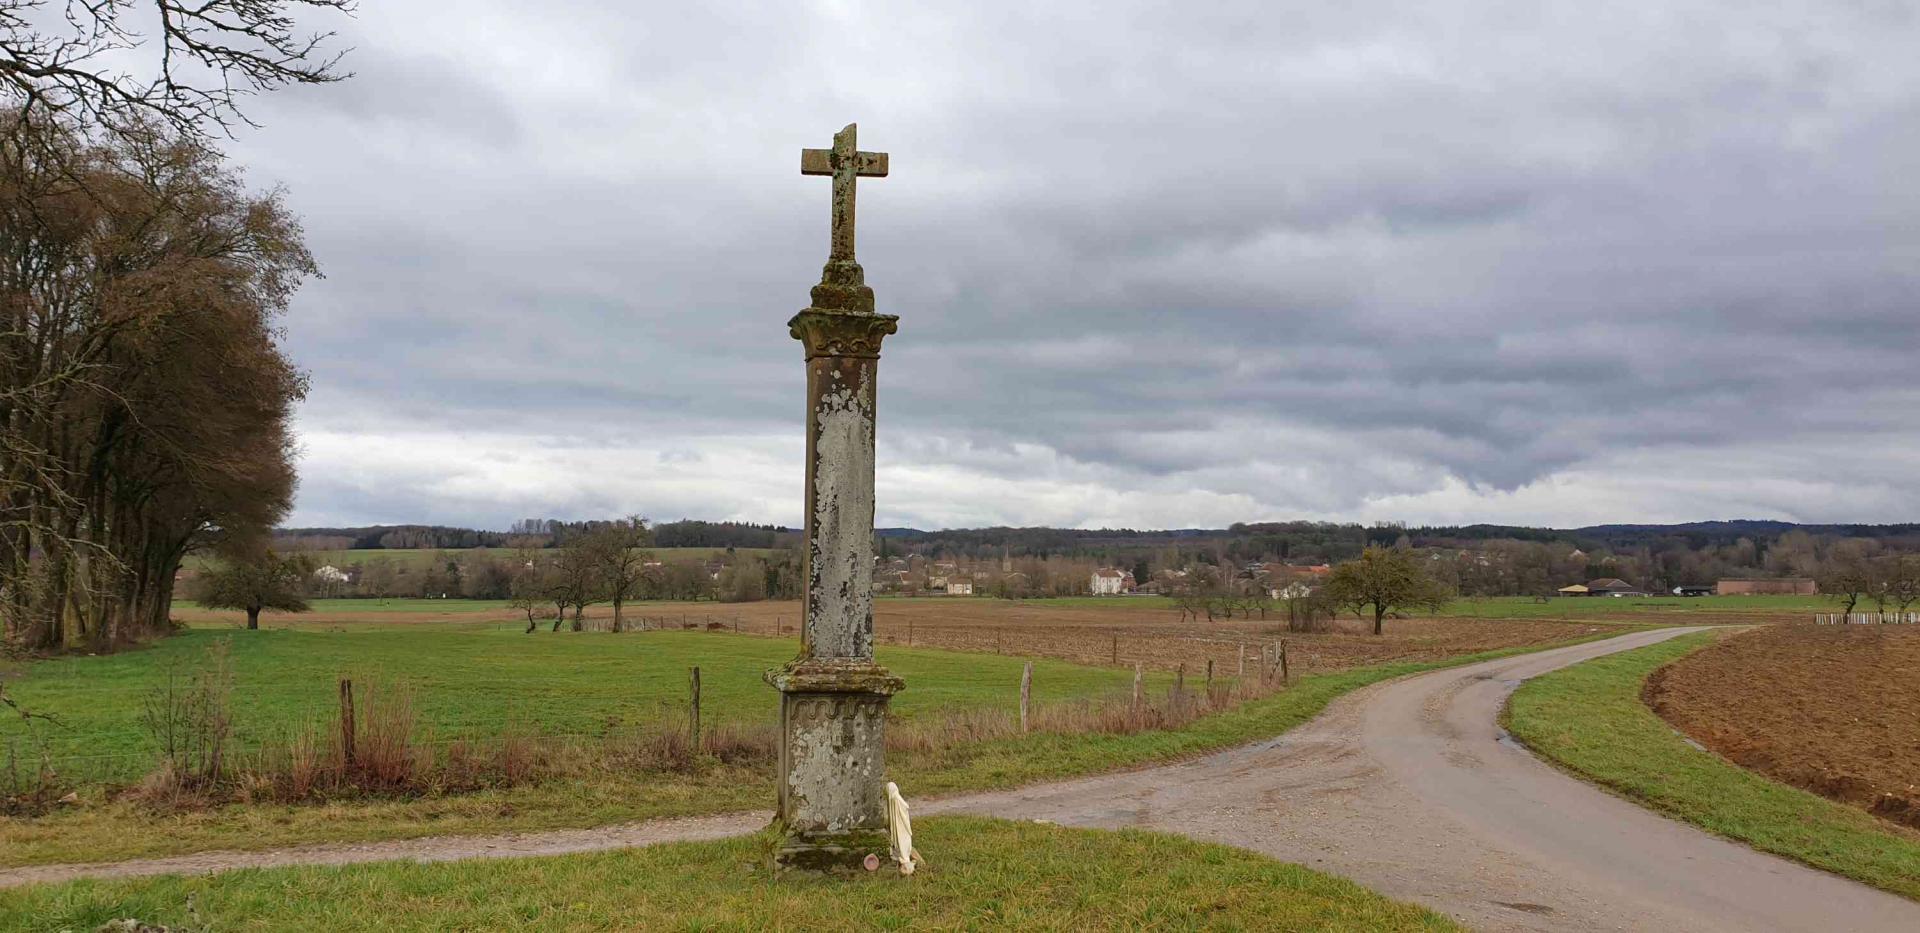 Croix route de bult